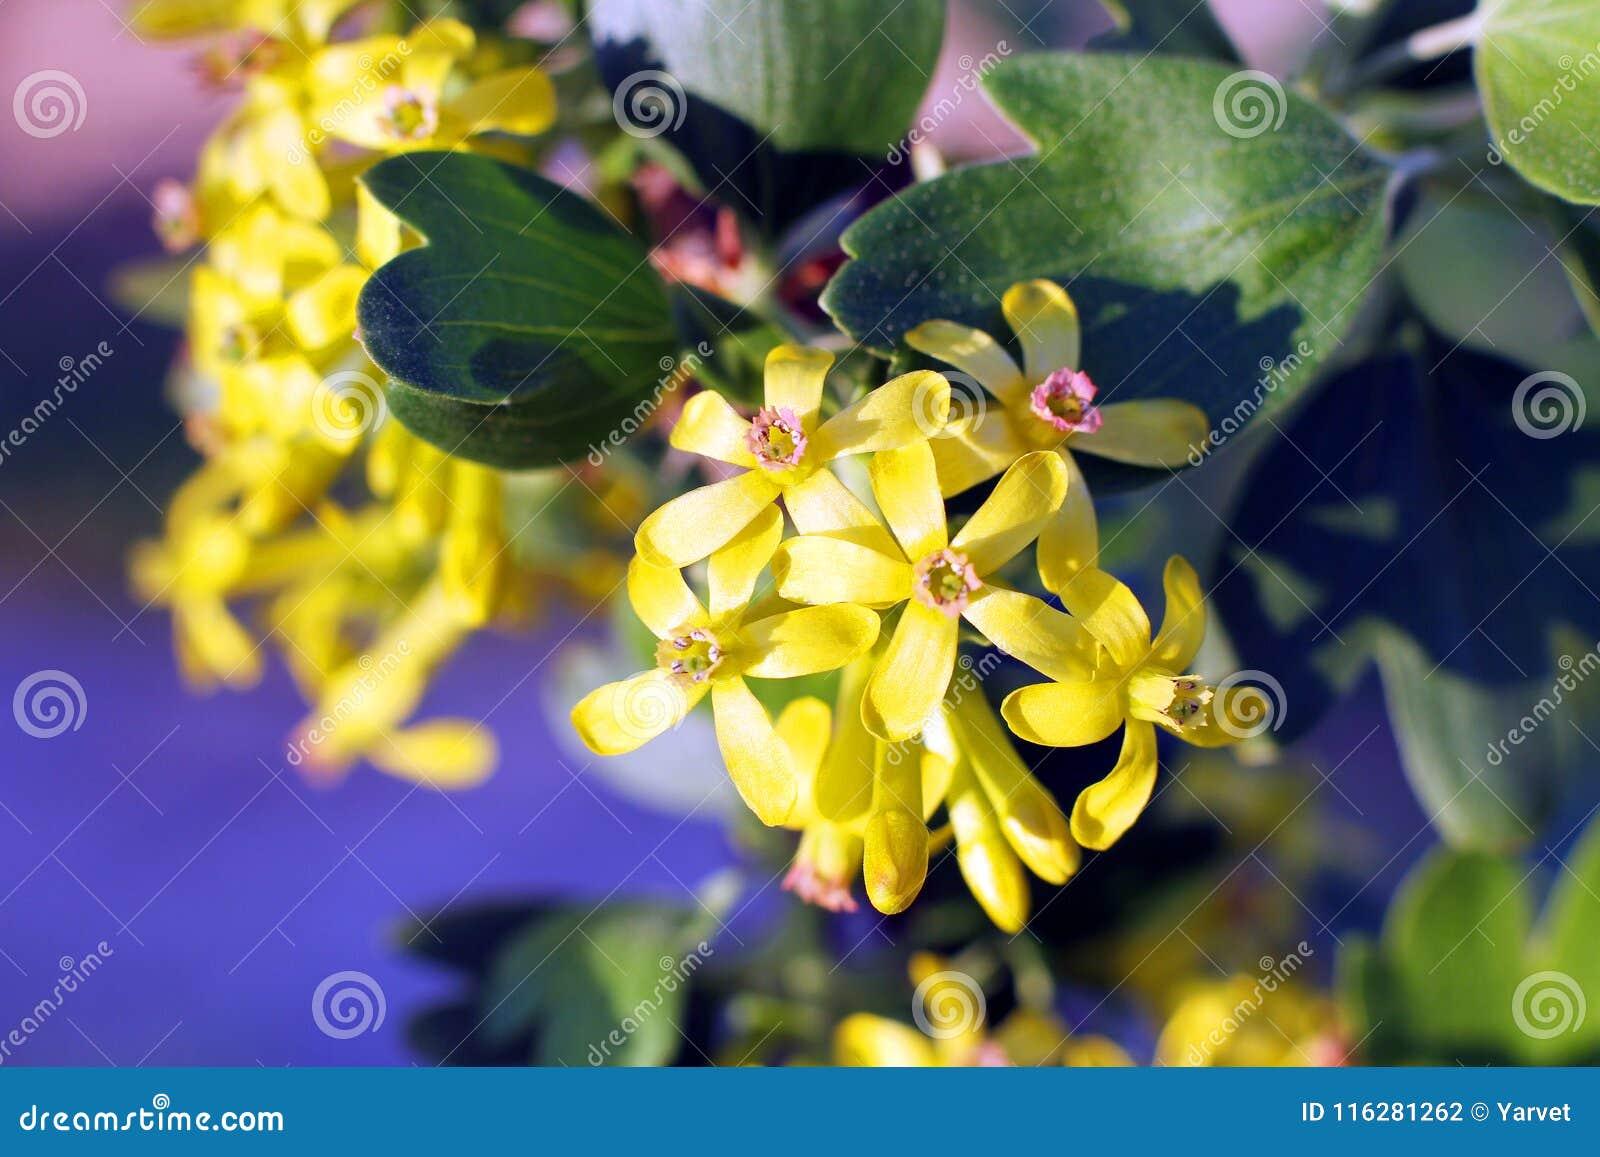 Les Fleurs De Cassis De Jaune En Fleur Photo Stock Image Du